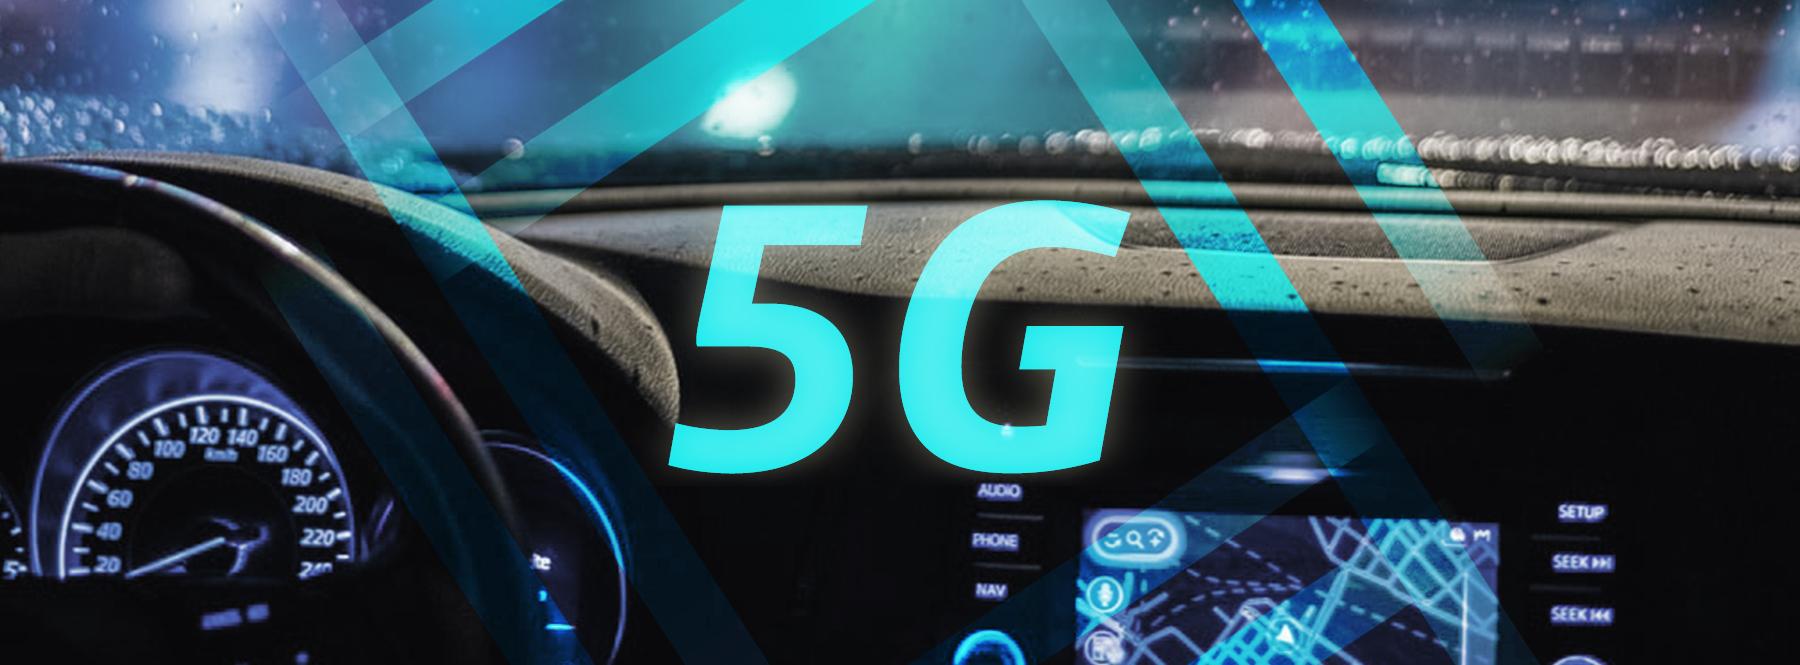 Por qué el coche autónomo de nivel 5 solo es posible con tecnología 5G